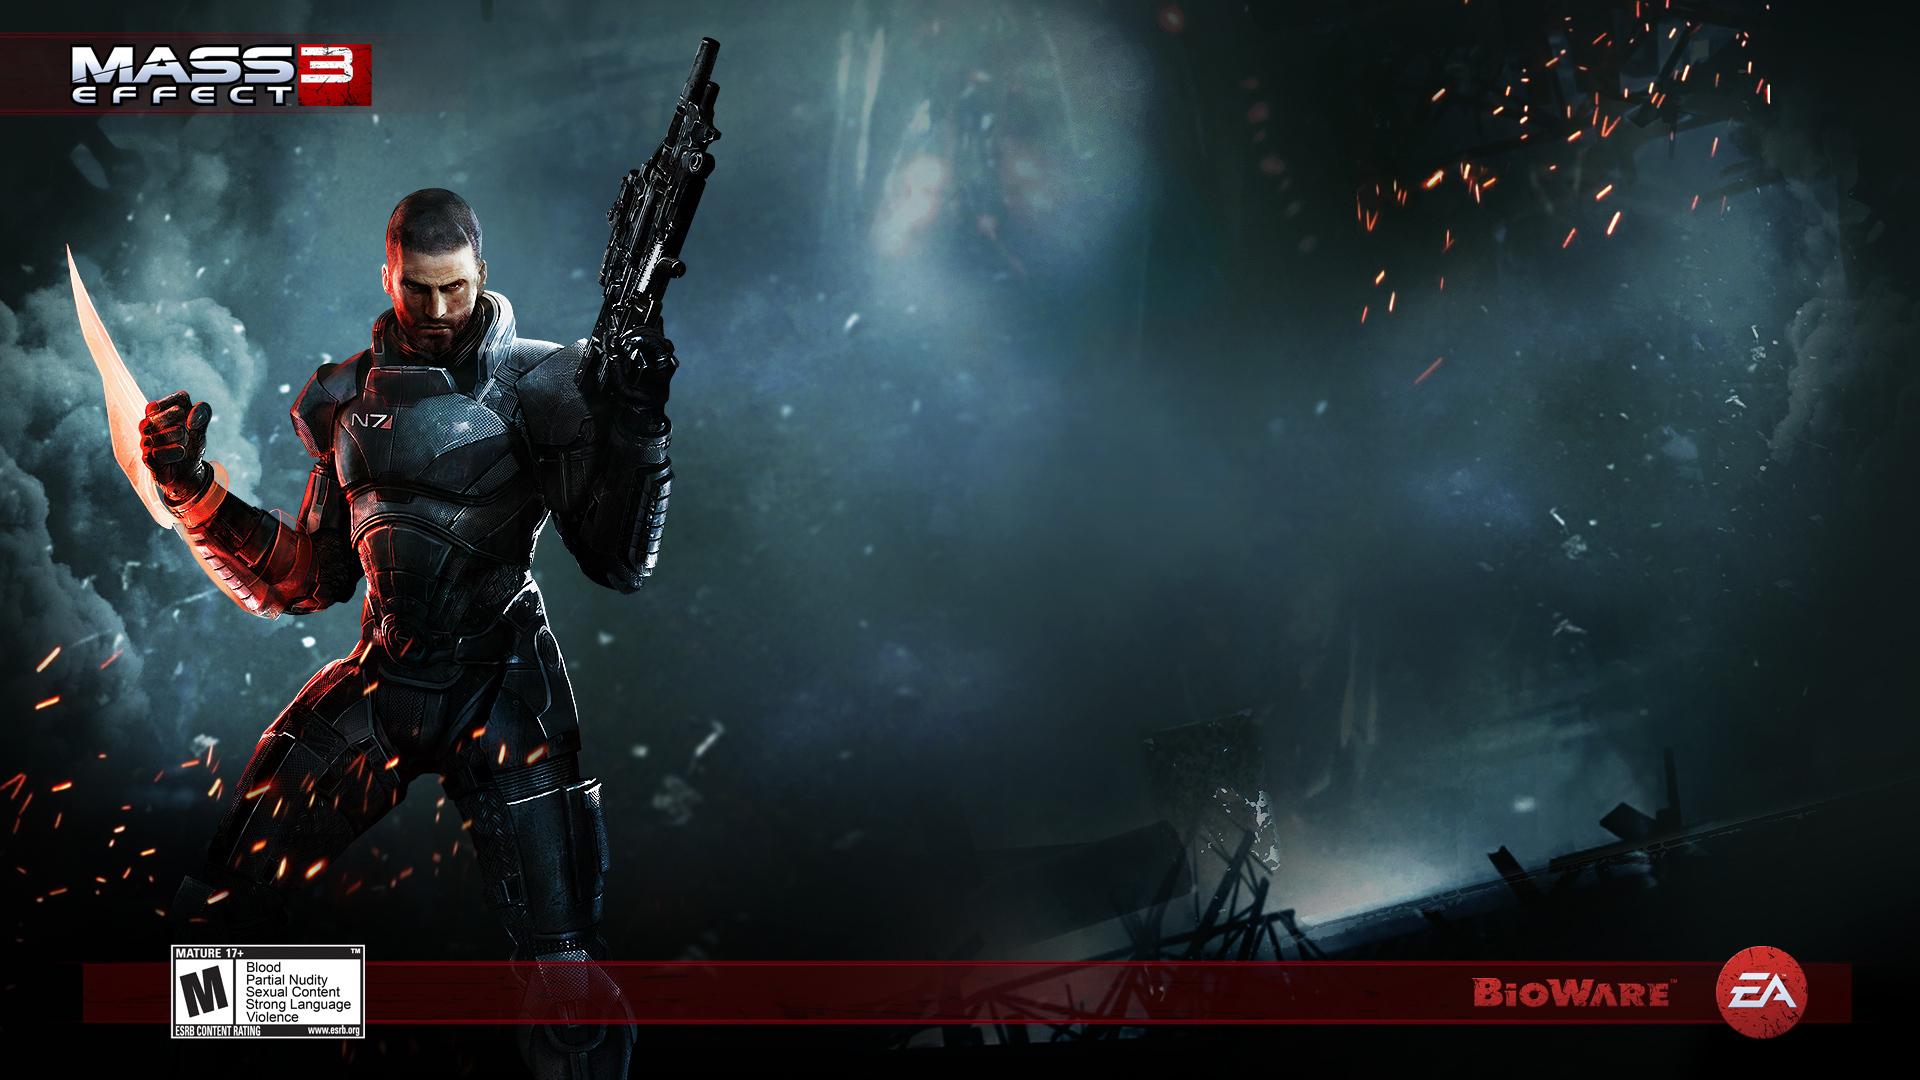 Action Game Mass Effect 3 Hd Wallpaper